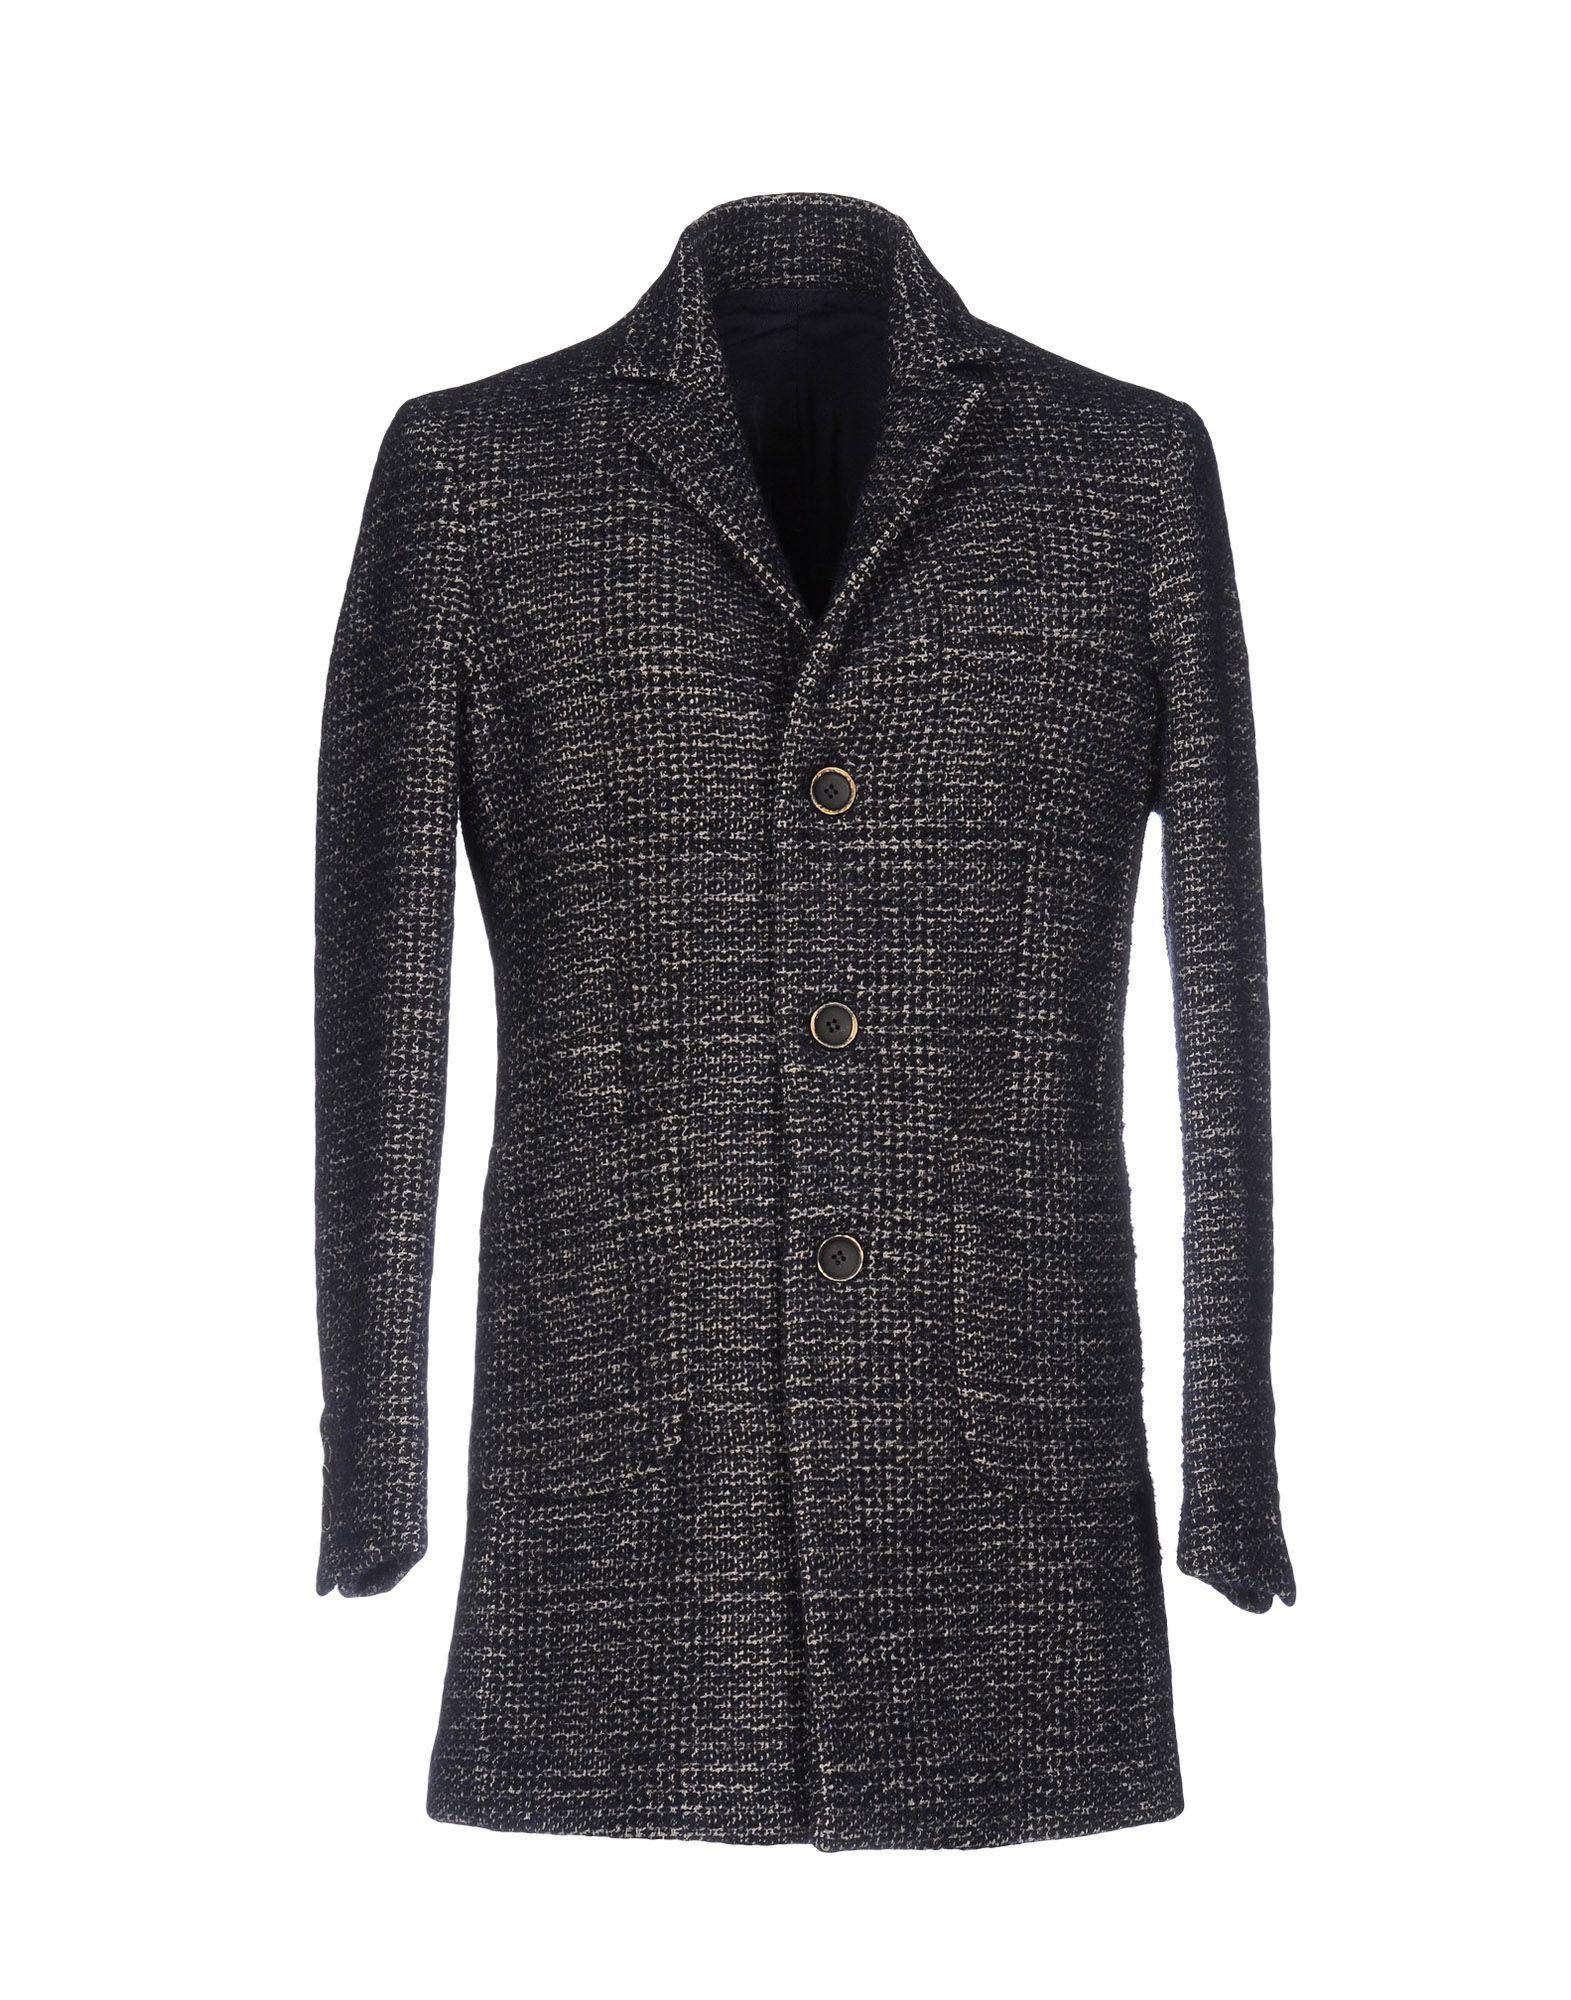 Original Vintage Style Coat In Dark Blue